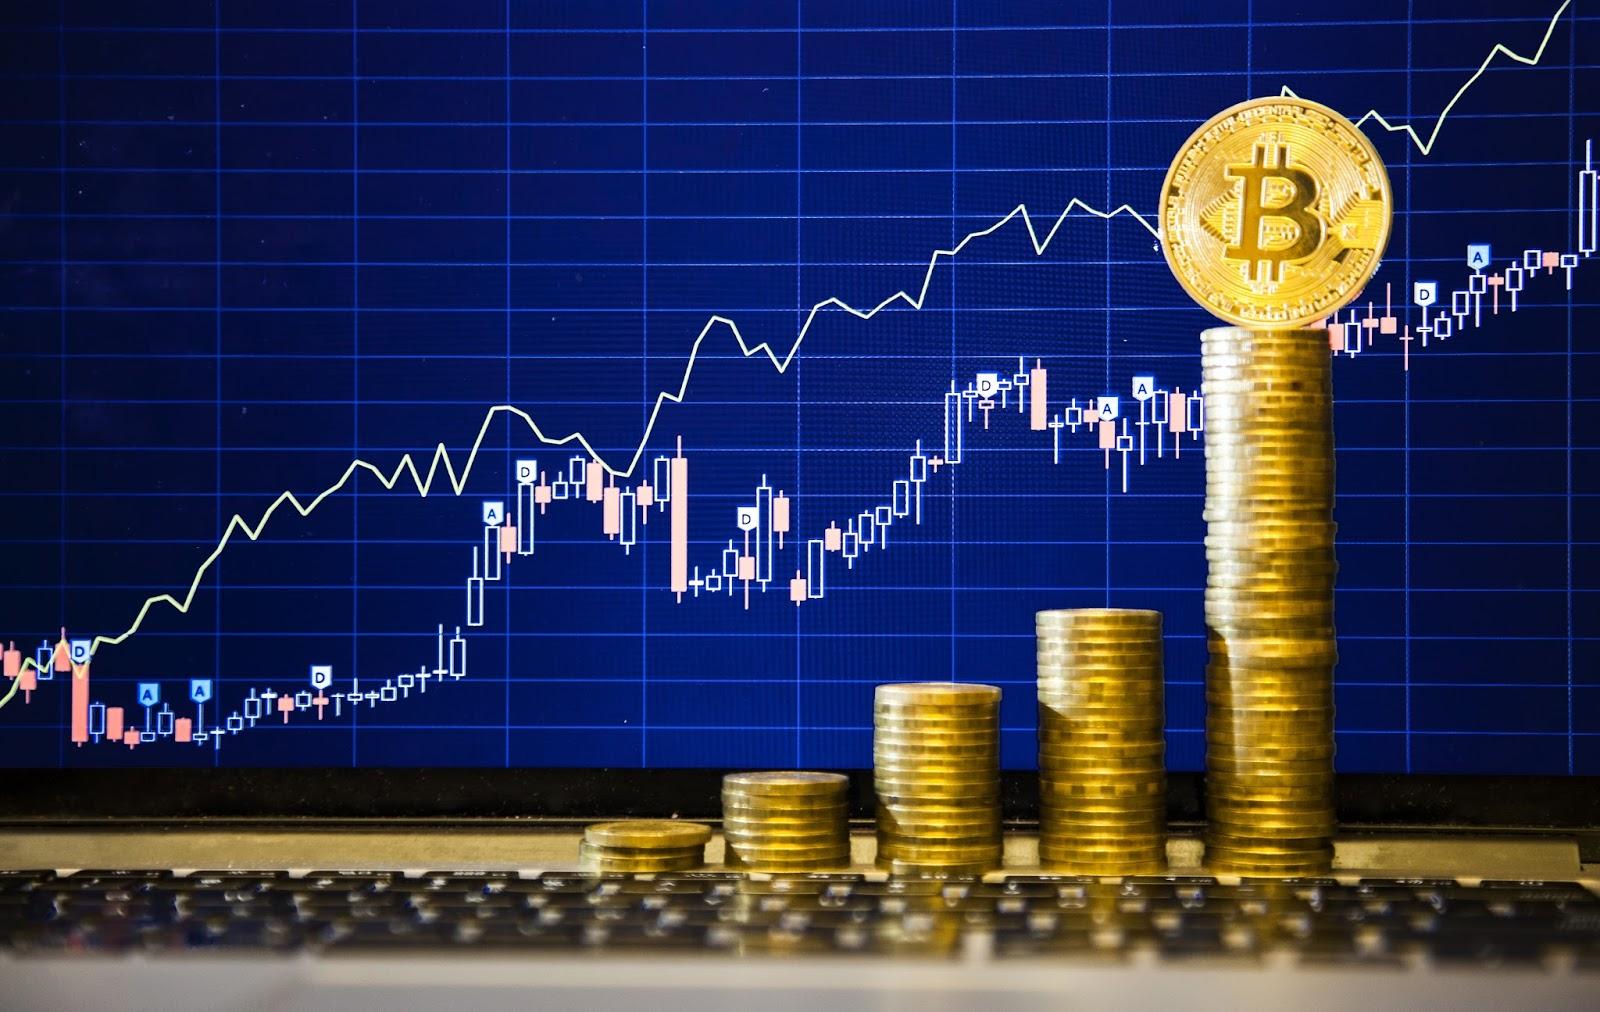 Geringster geldbetrag, um in binäre optionen zu investieren